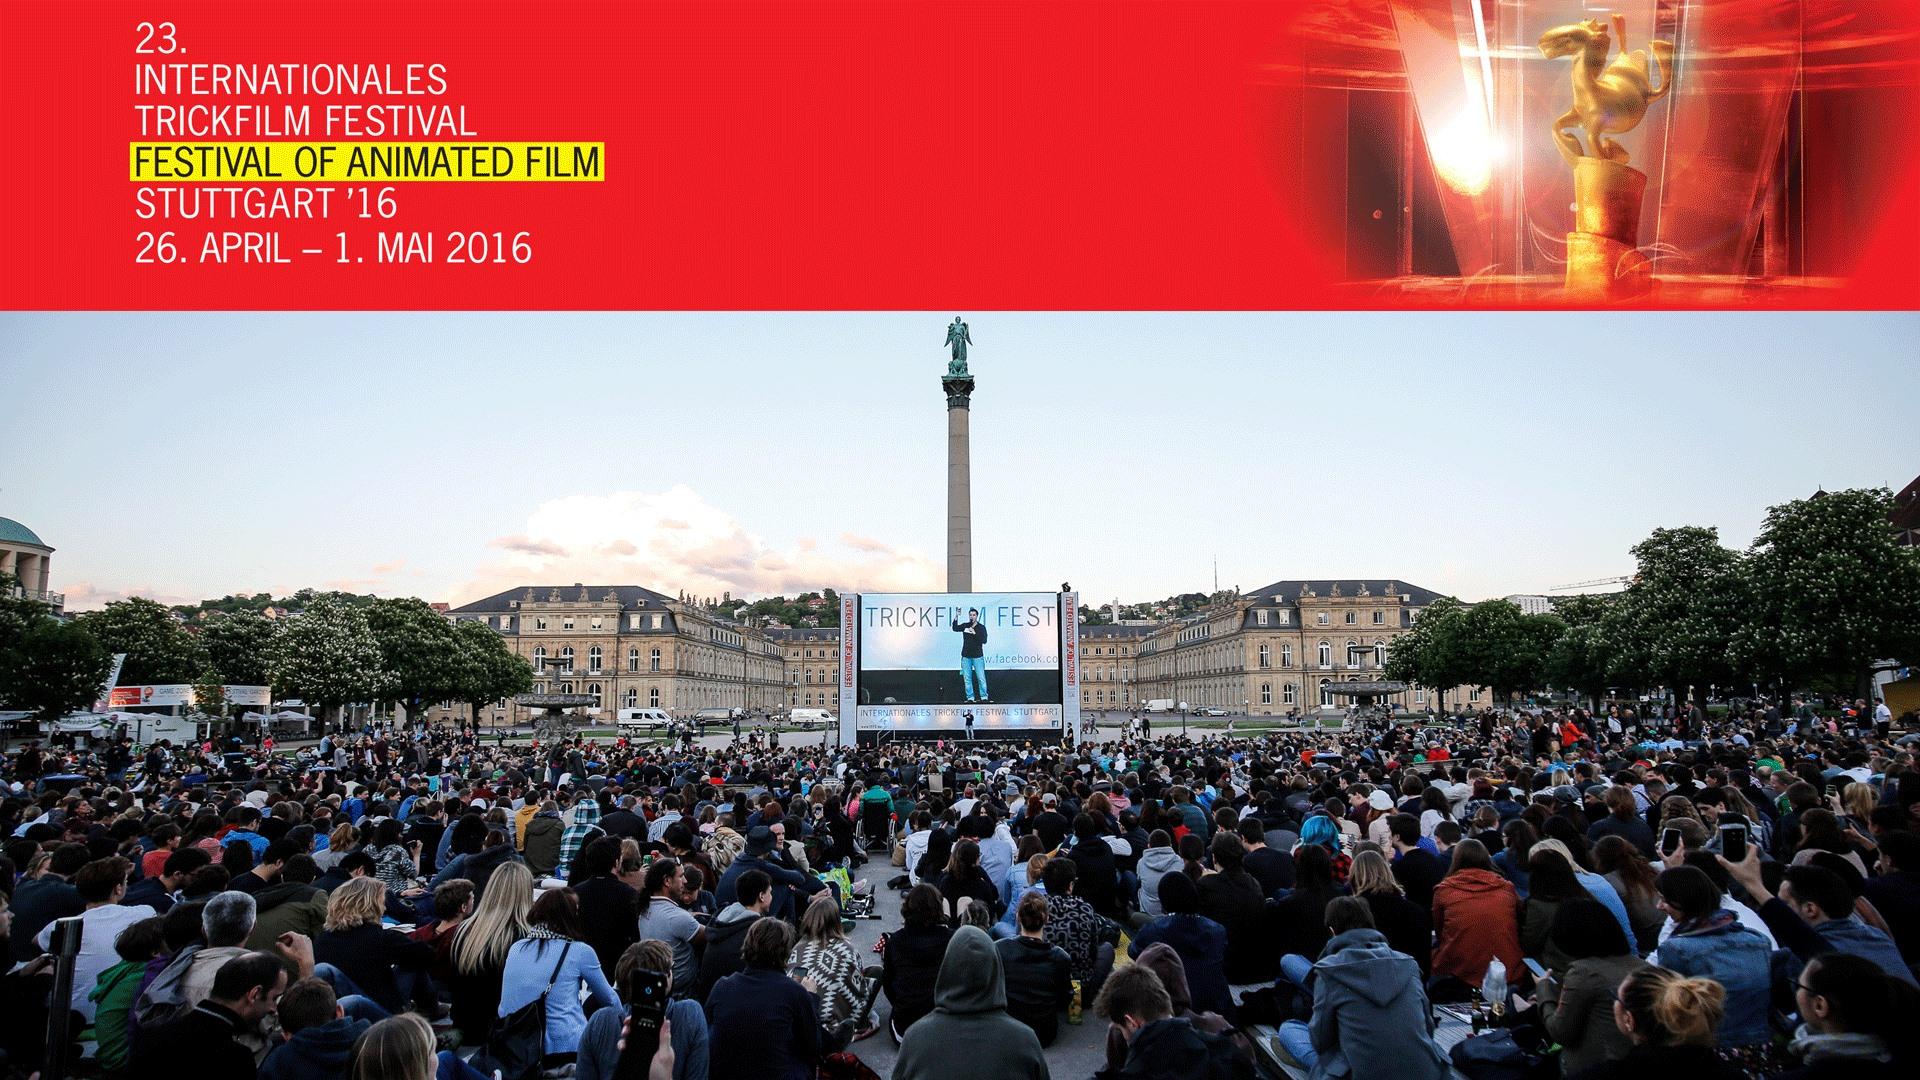 Das Trickfilm-Festival Stuttgart